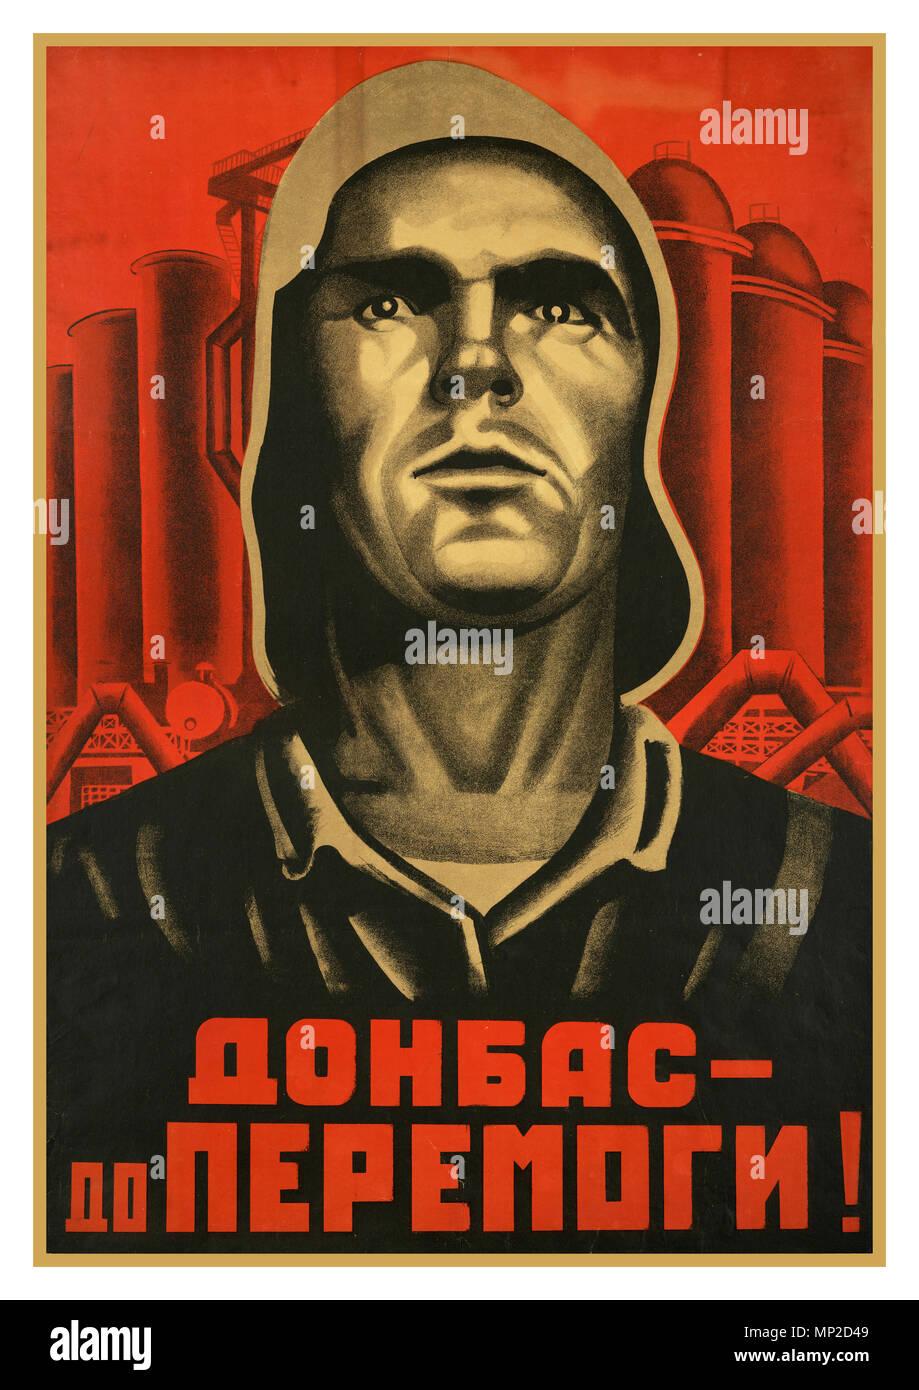 Unión Soviética Vintage Retro cartel propagandístico arte político 'Donbas, hasta que logremos superar' Imagen De Stock